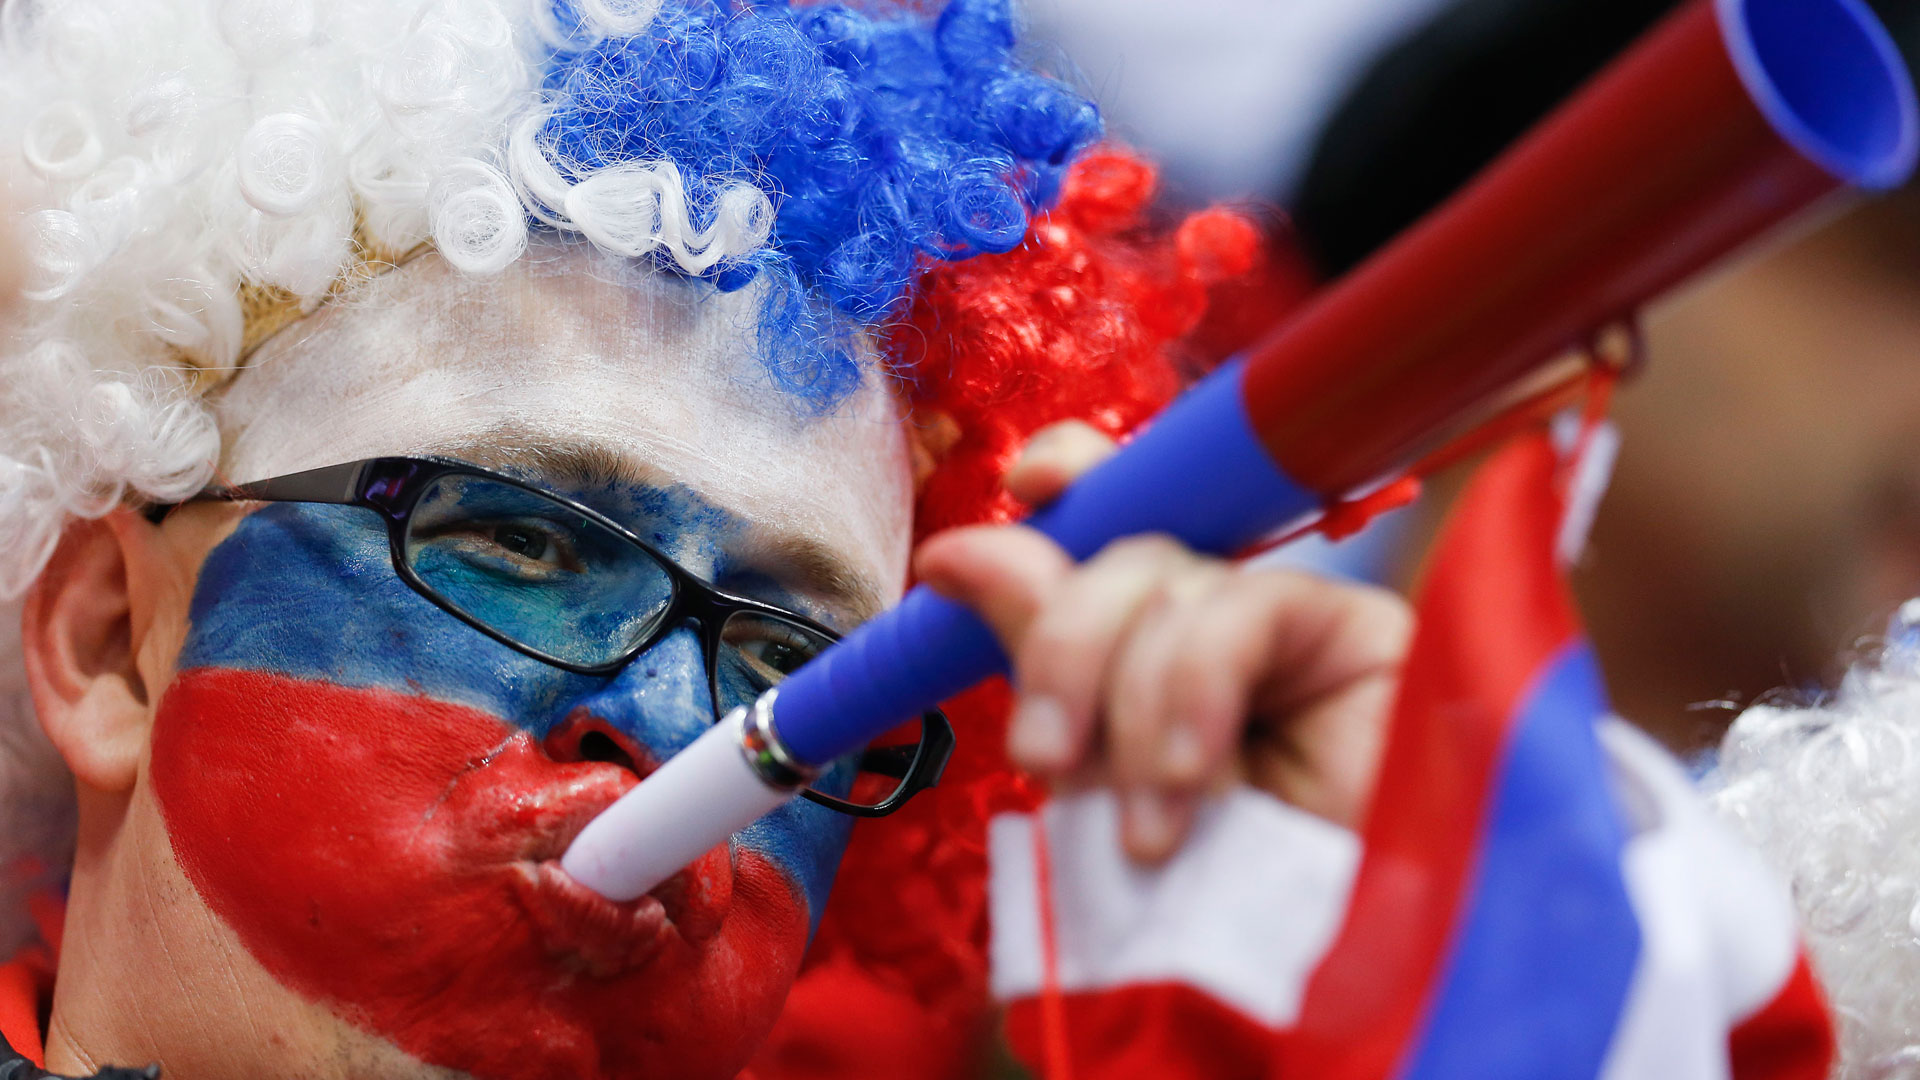 Russi-fans-olympics-sochi-FTR-21714.jpg